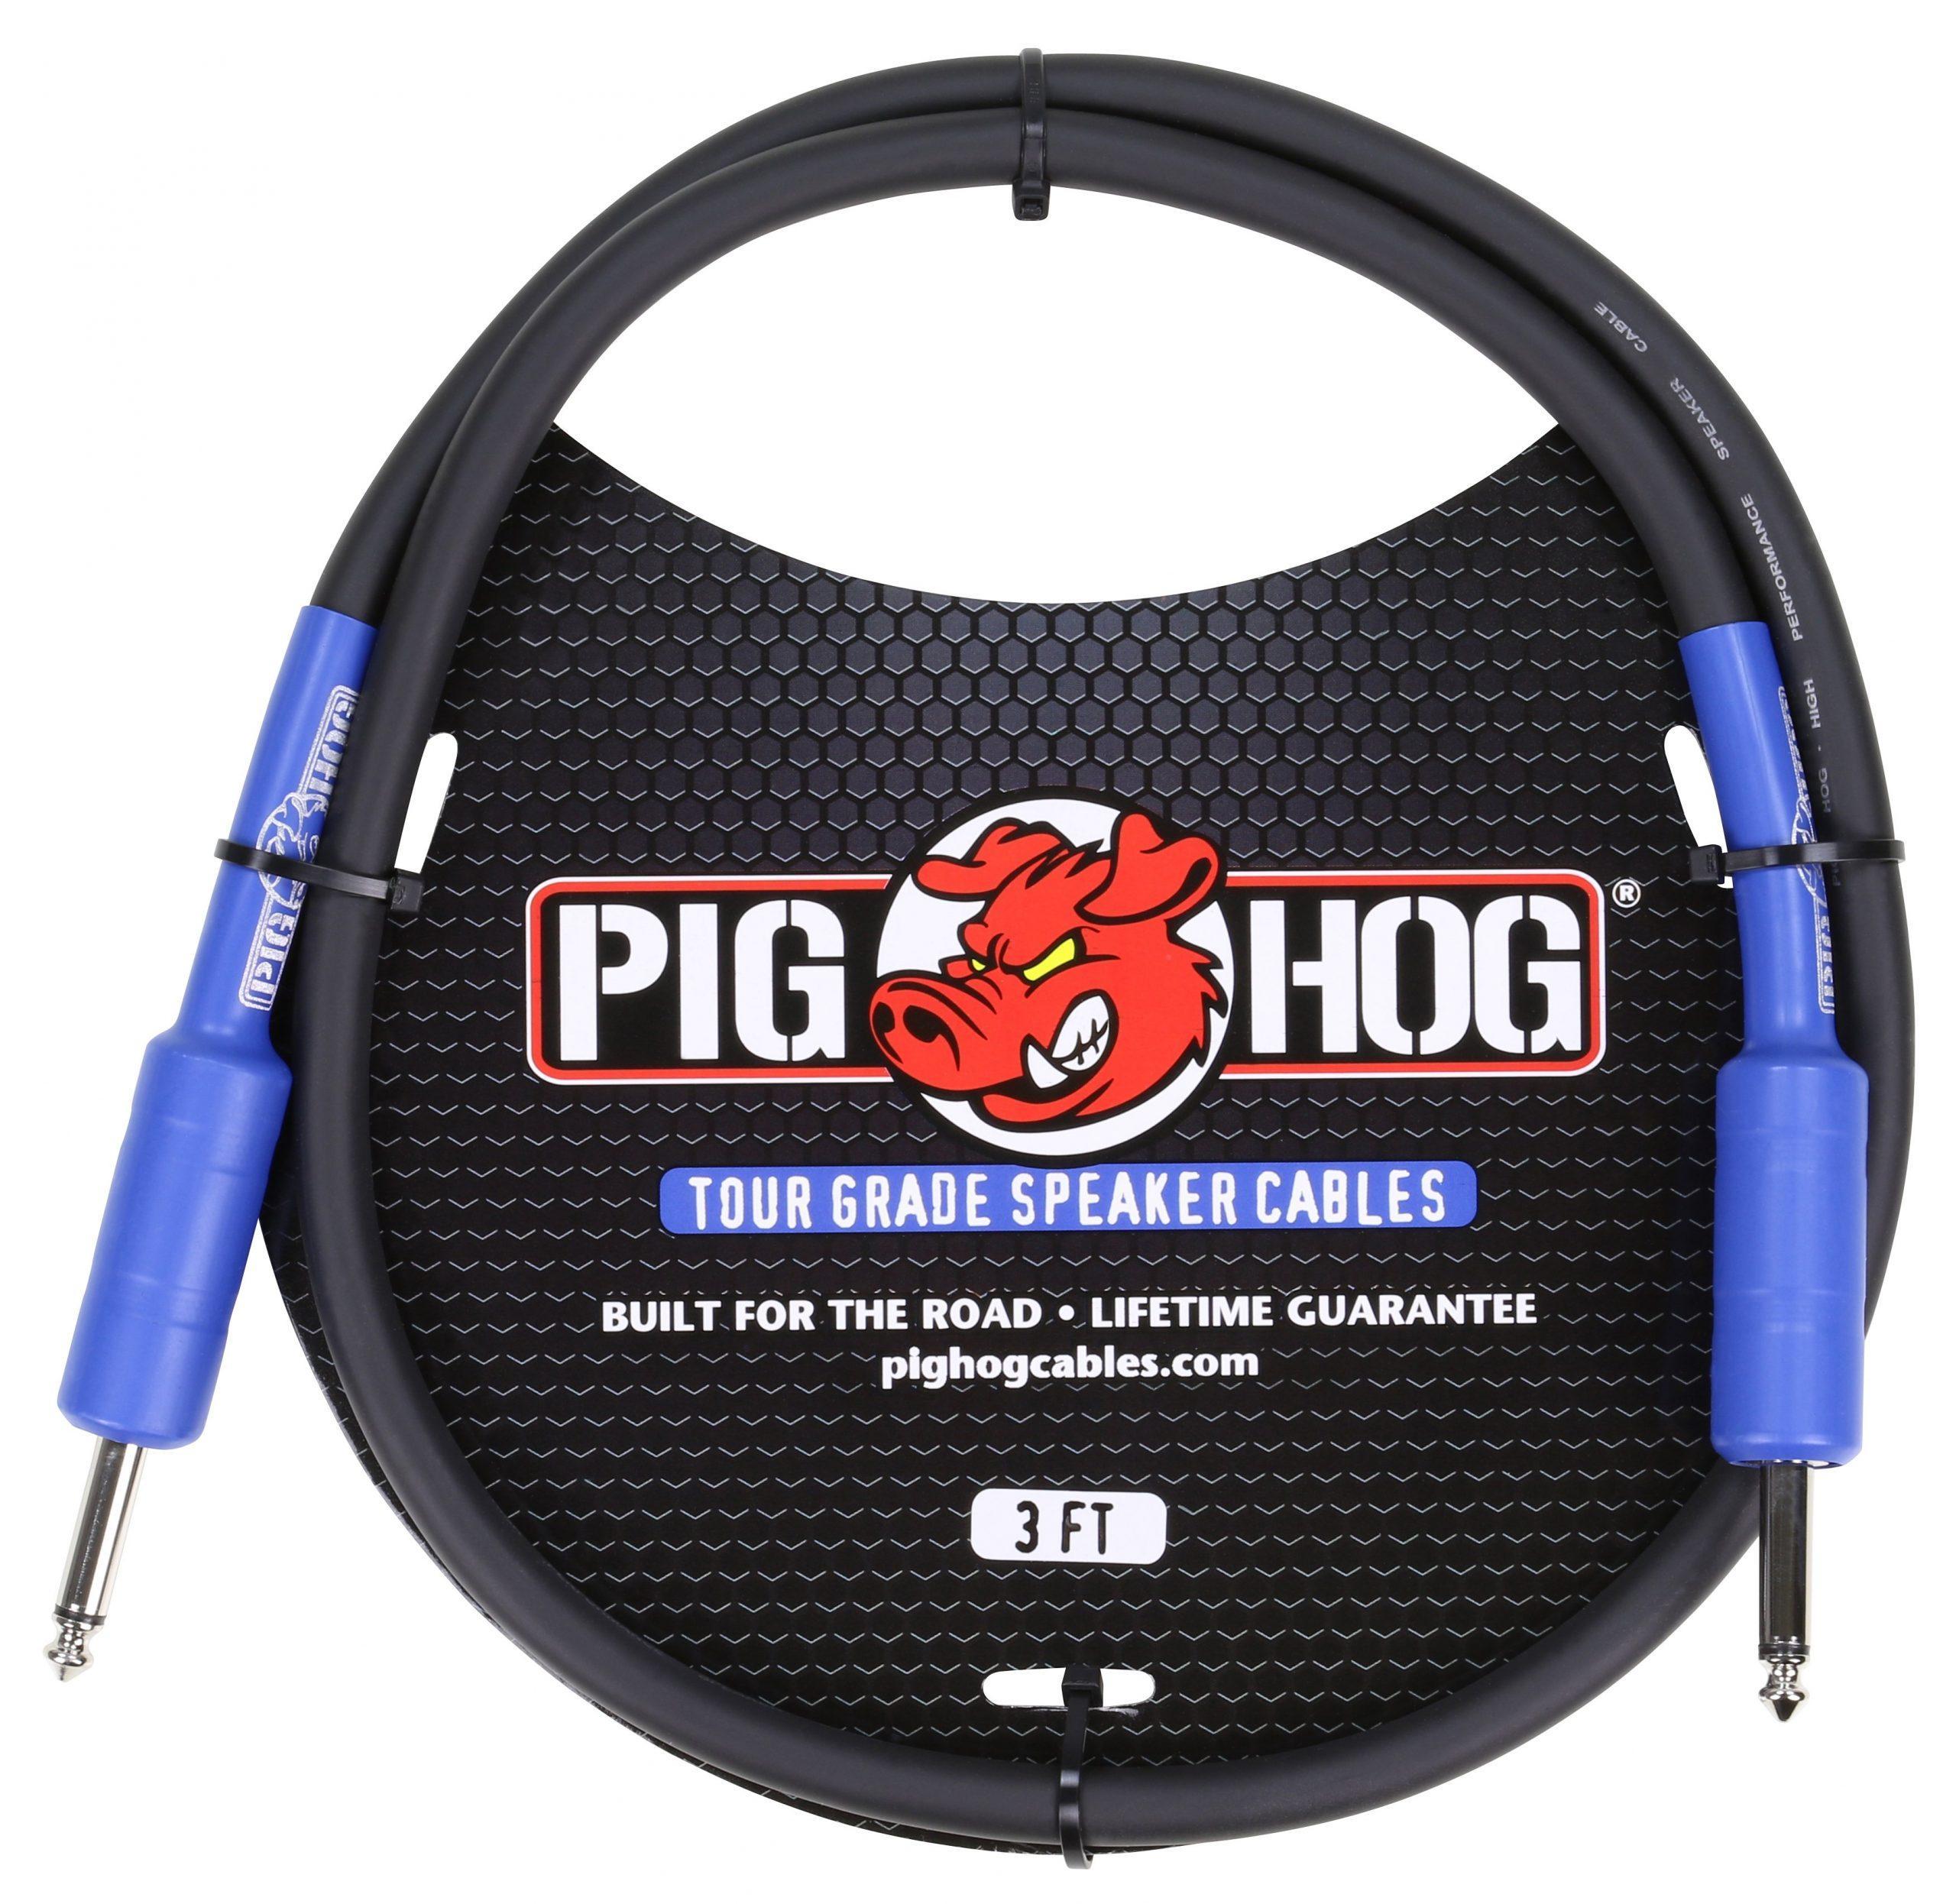 Pig Hog 9.2mm Speaker Cable, 3ft (14 gauge wire)